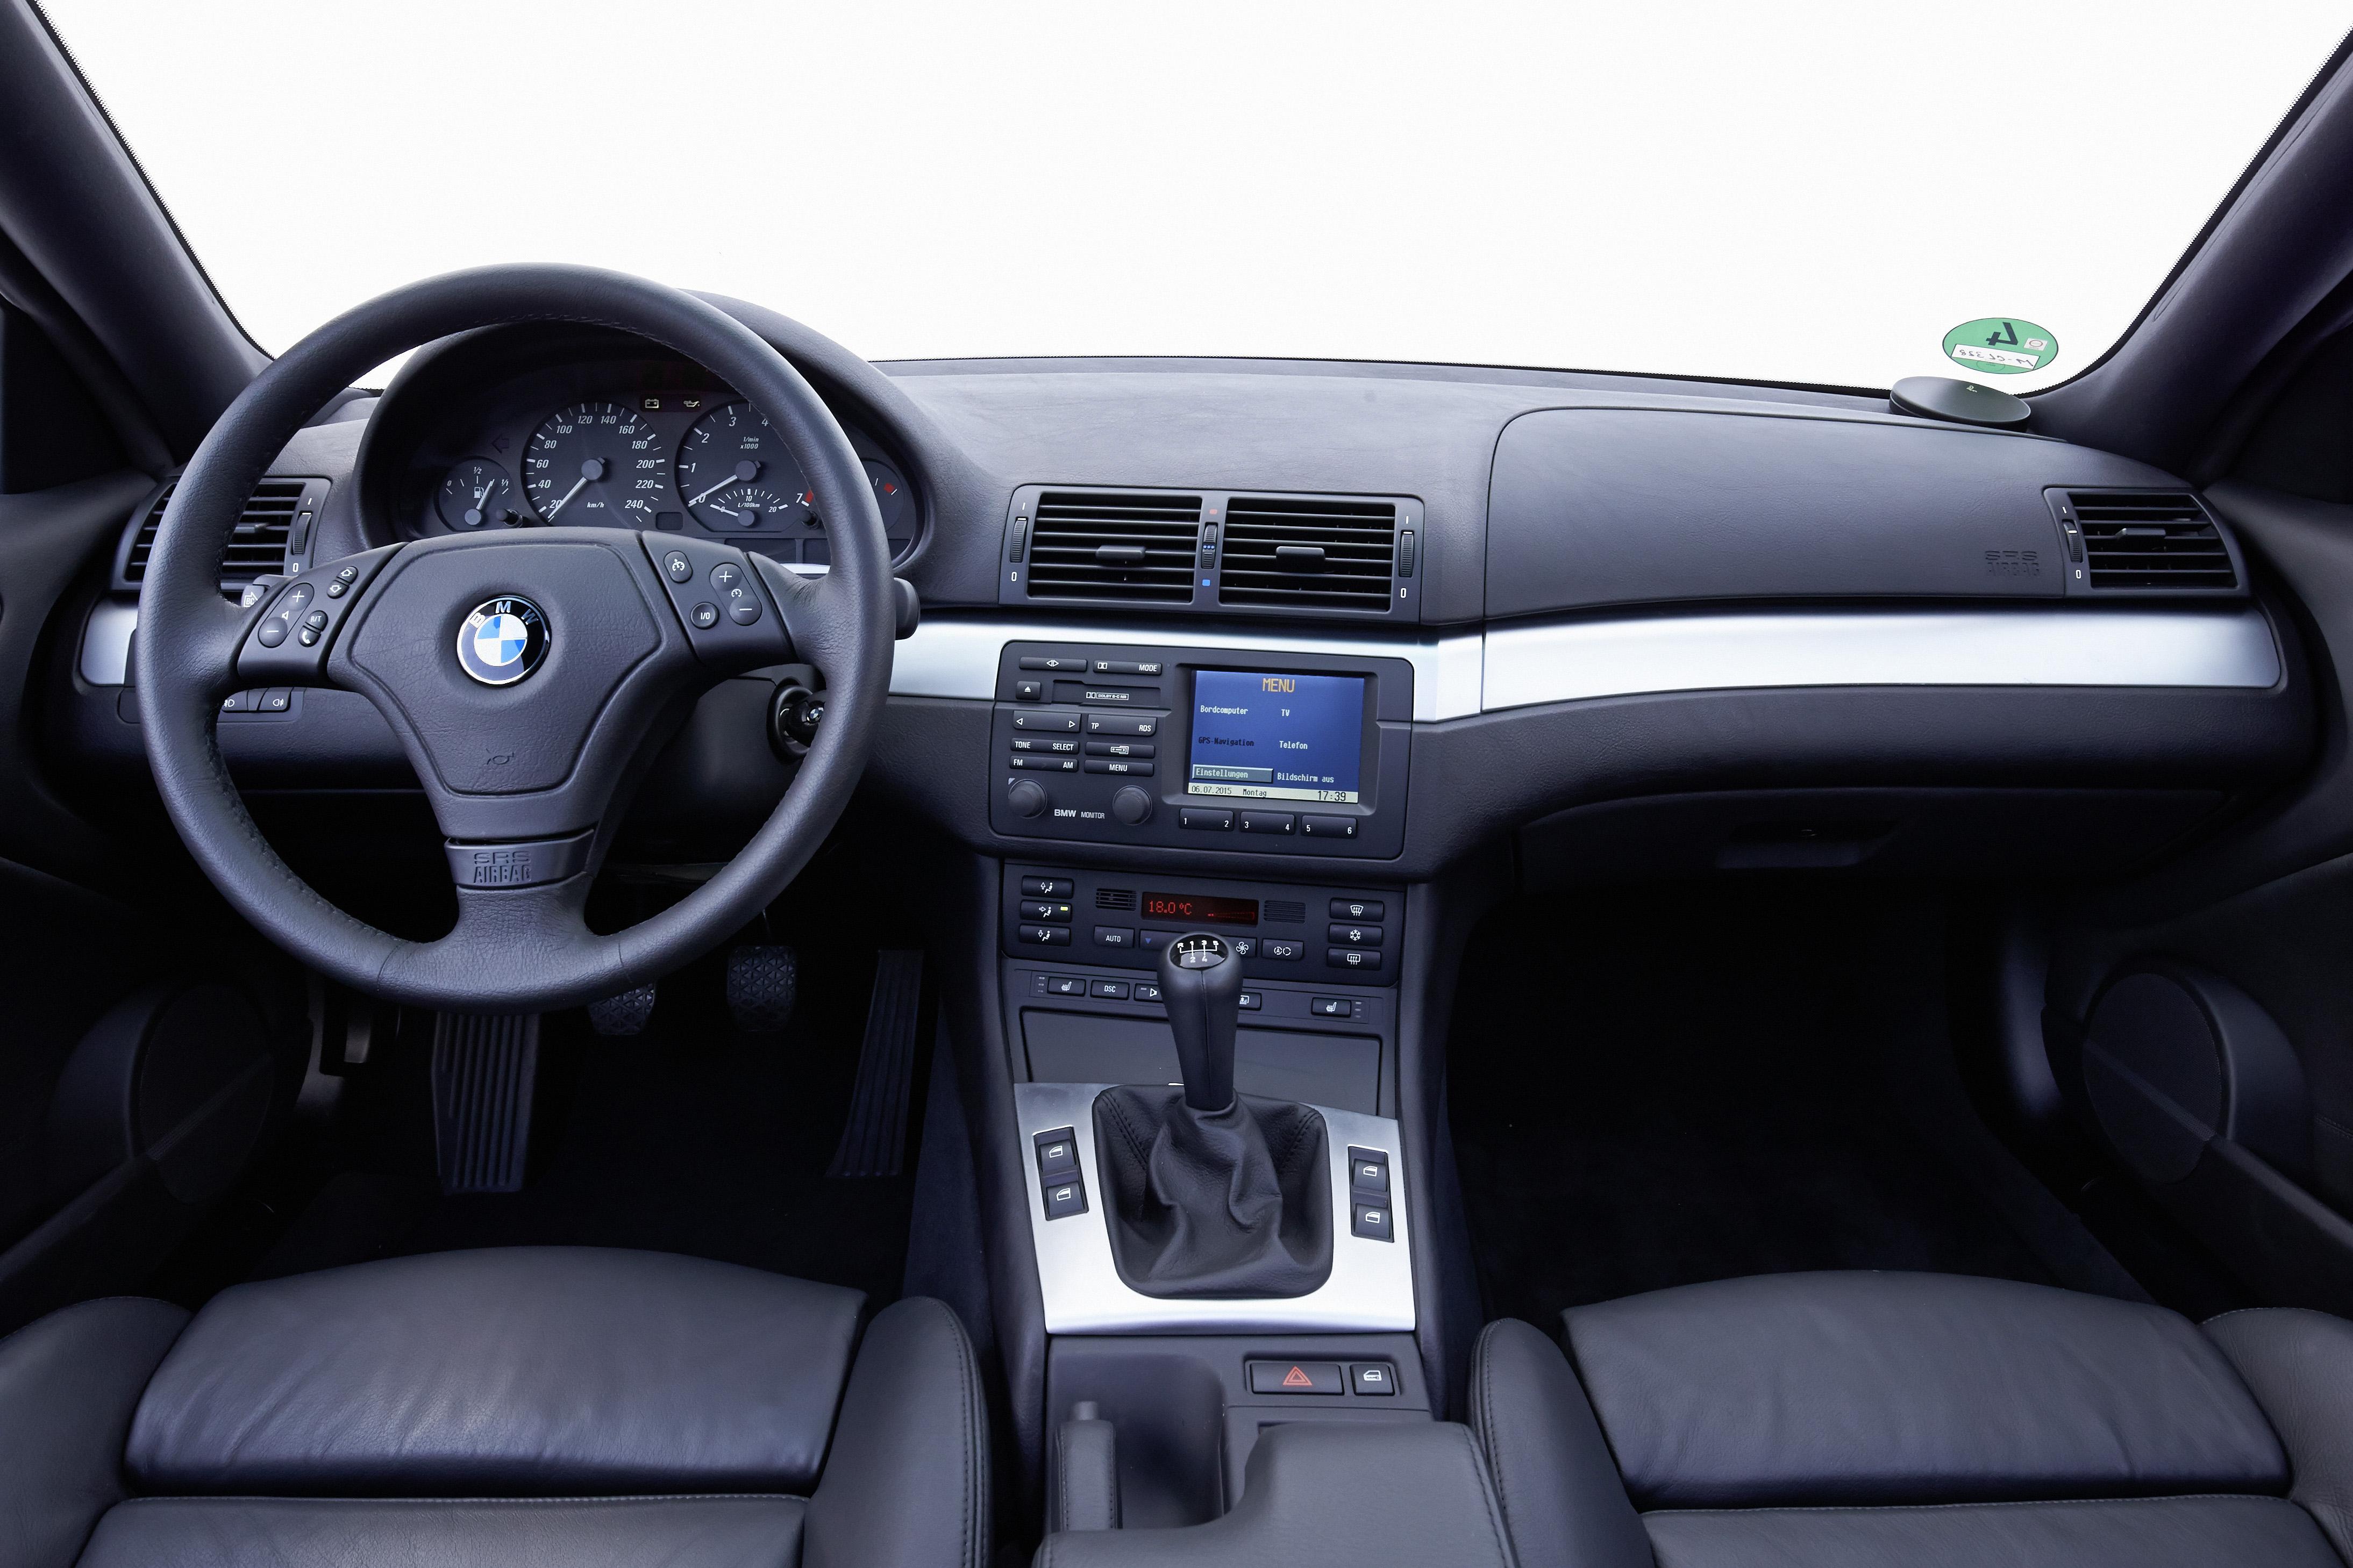 BMW Série 3 E46 interior